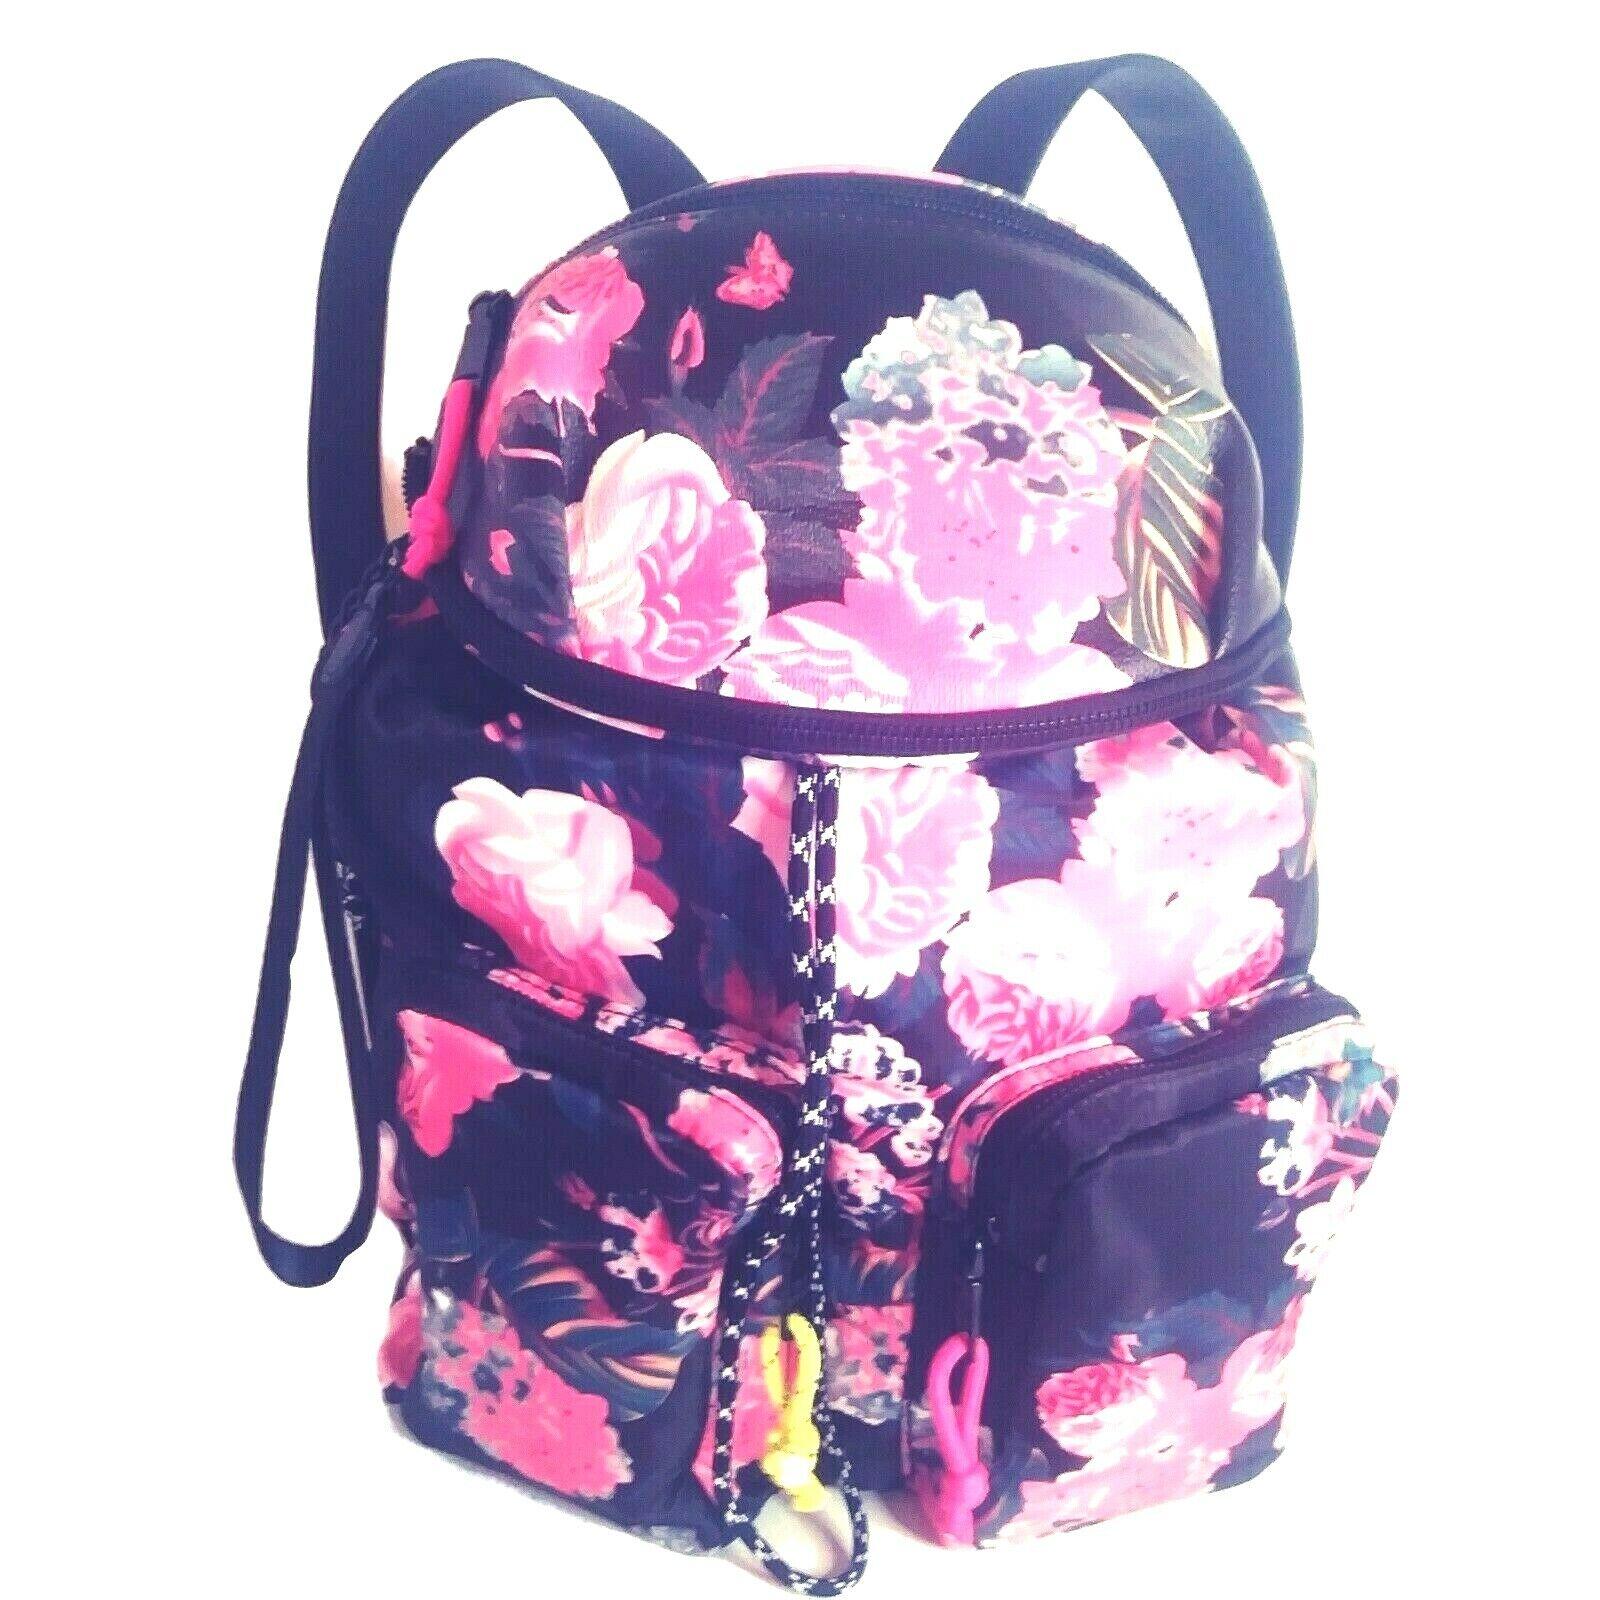 Steve Madden Backpack 2-for-1 w/ Removable Belt Bag Black Floral Pockets NEW Tag